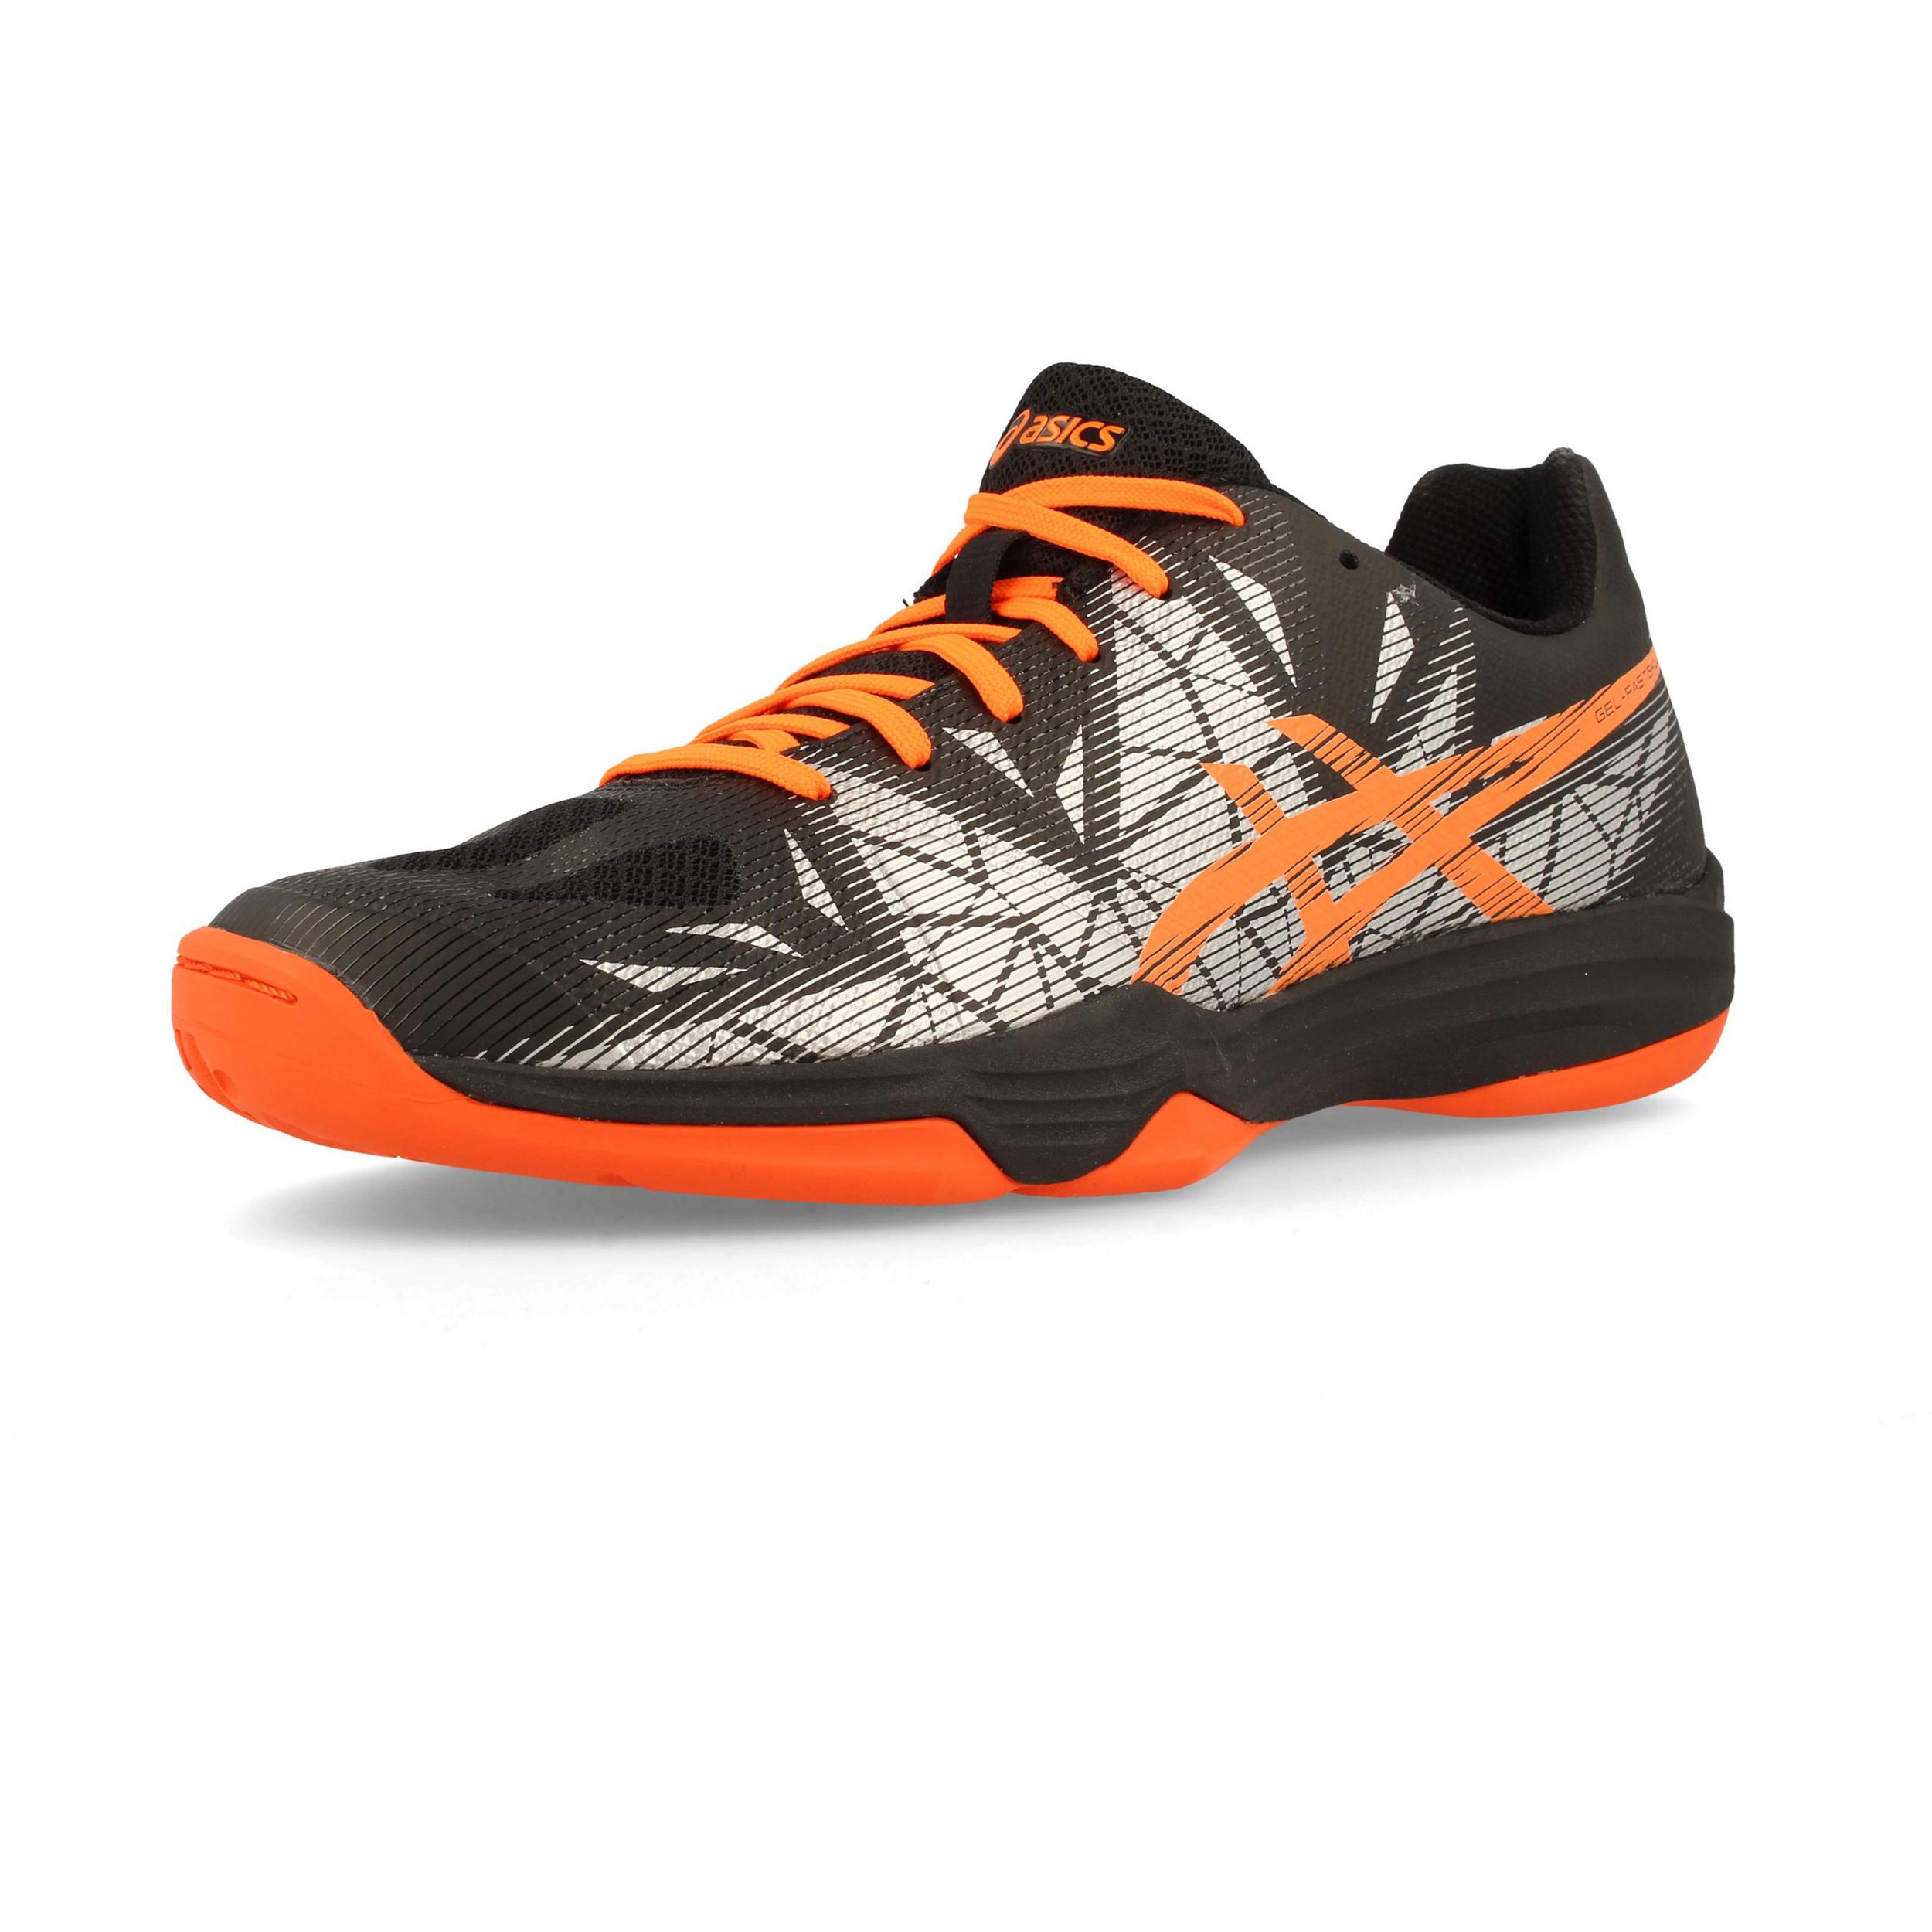 Asics Court Herren Gel Fastball 3 Court Asics Schuhe Turnschuhe Trainingsschuhe Schwarz 054734